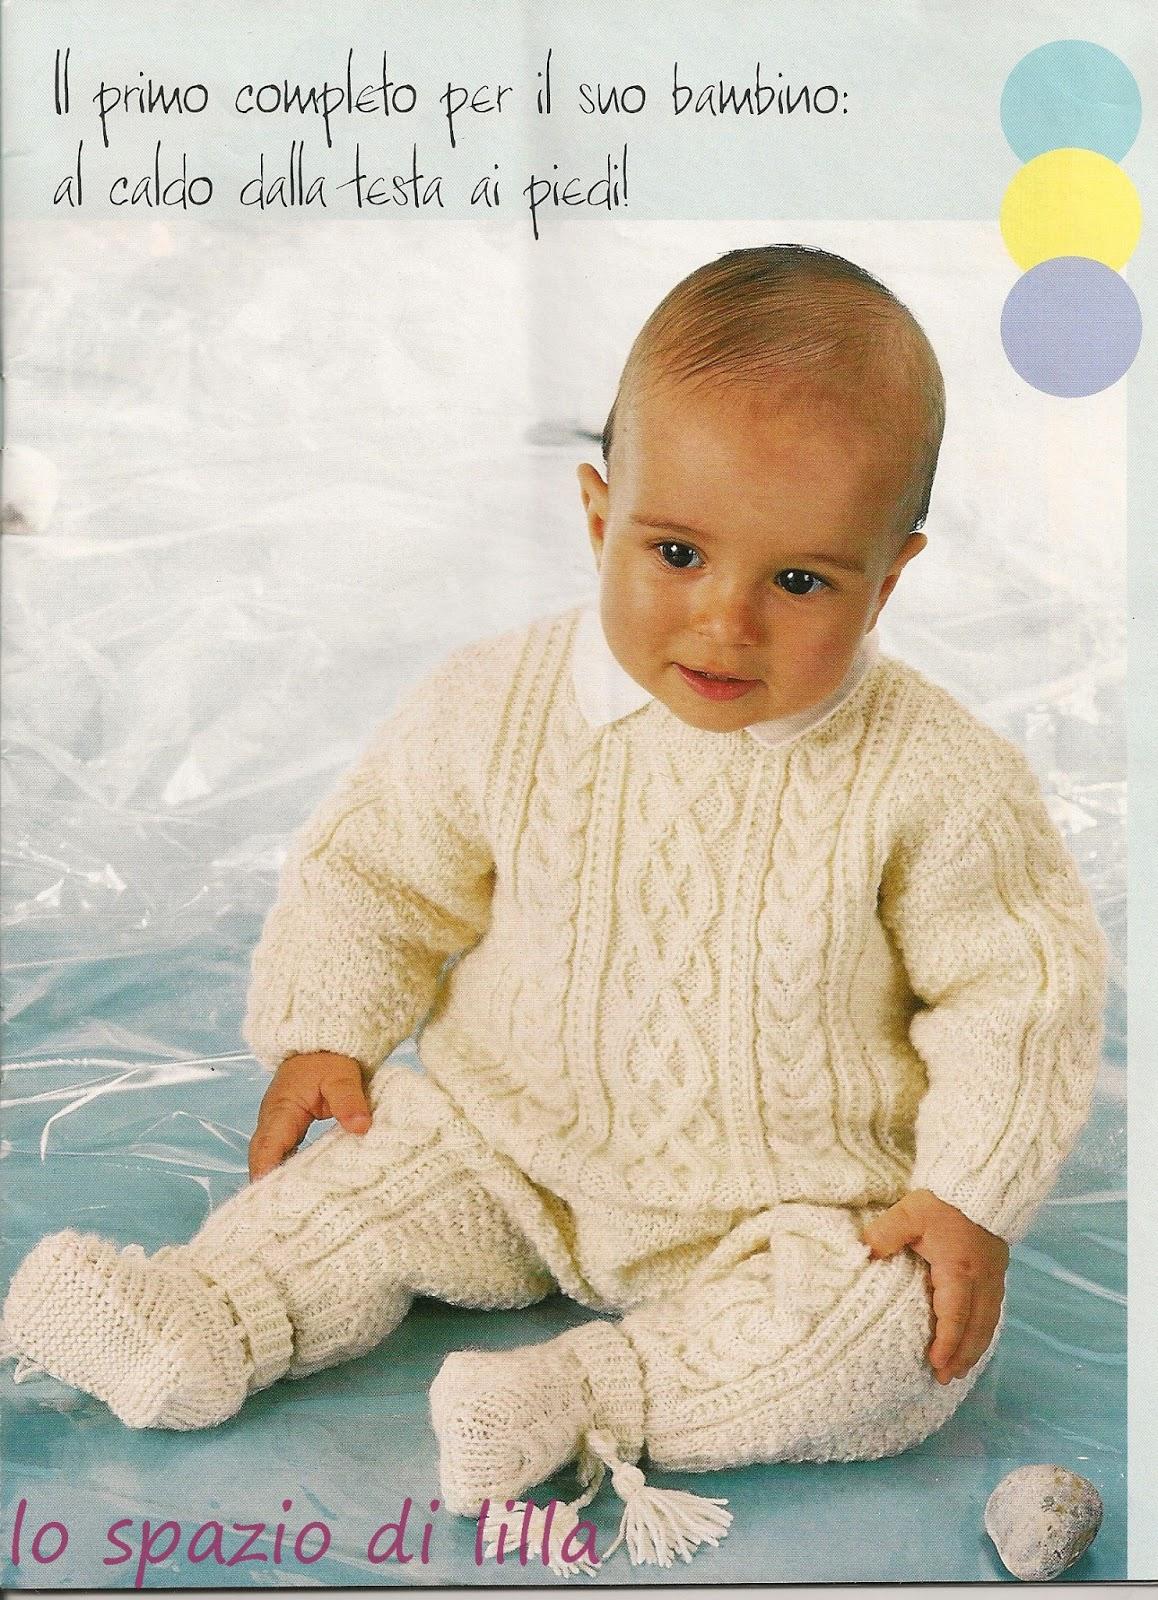 Детская вязаная одежда 2018 (49 фото красивые модели для детей) 99